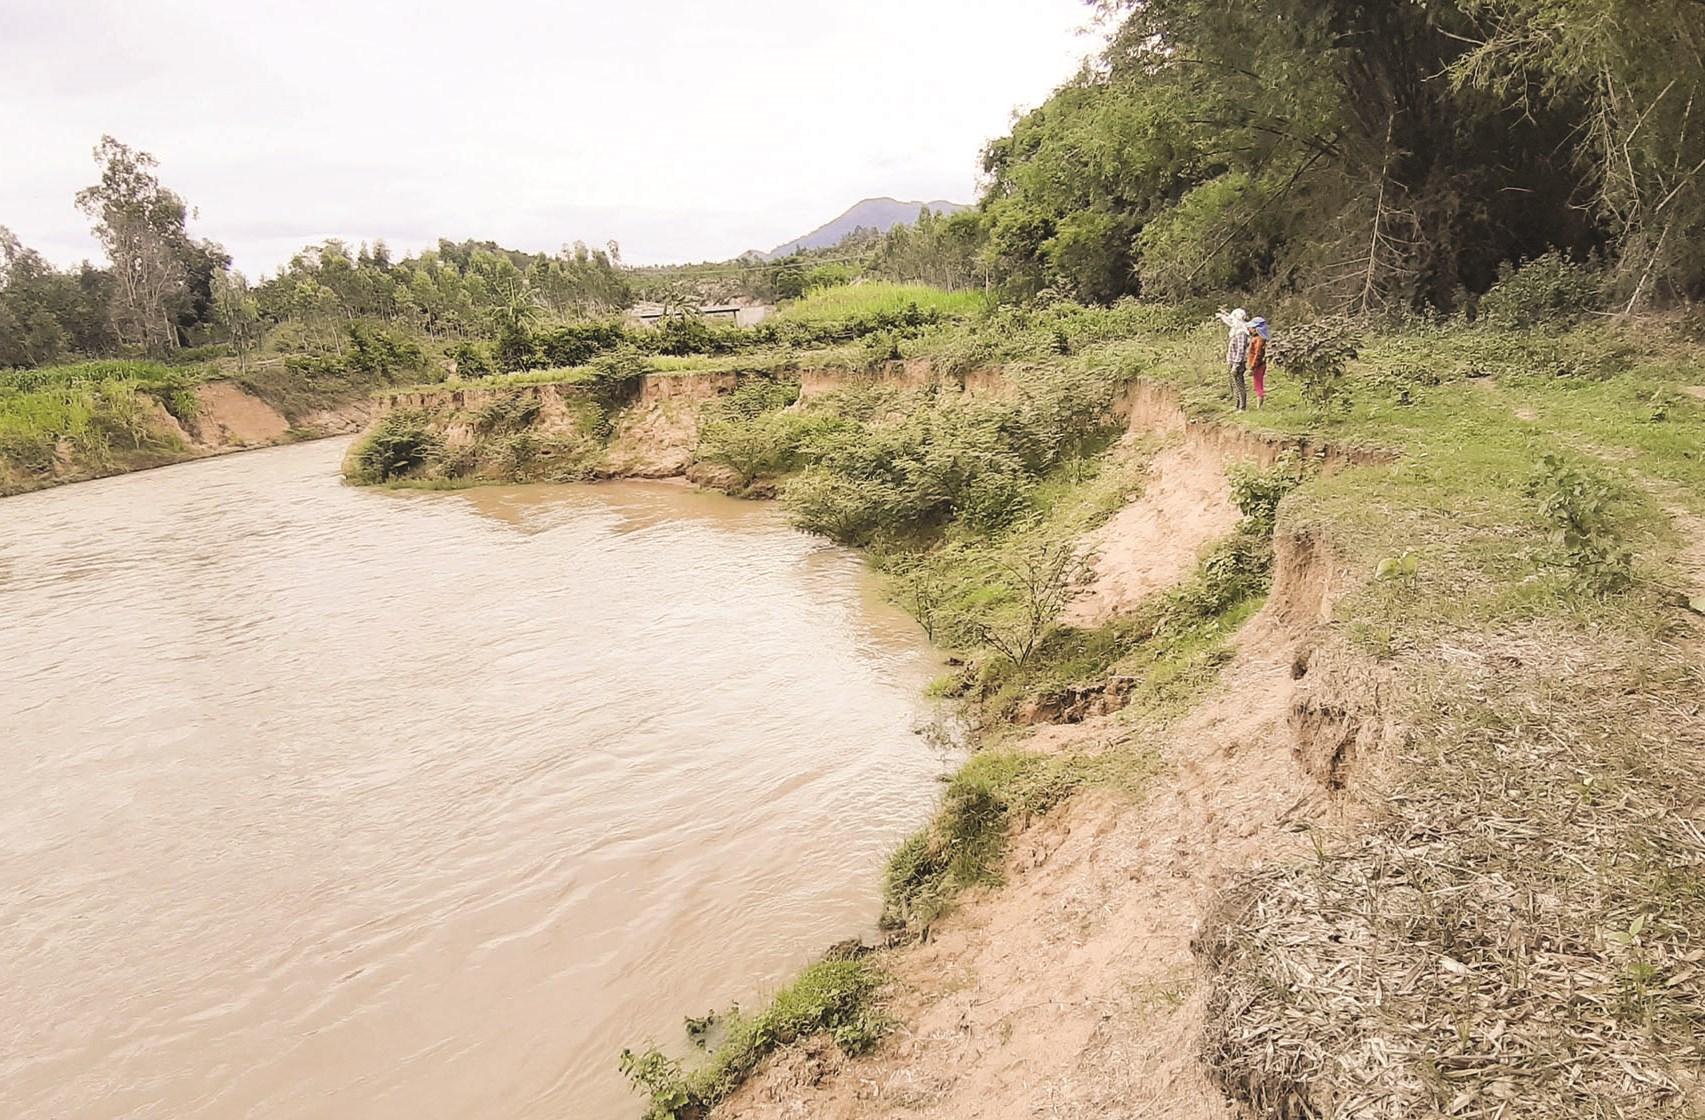 Nhà máy Thủy điện Tiên Thuận xả nước gây sạt lở nghiêm trọng đất nông nghiệp của người dân